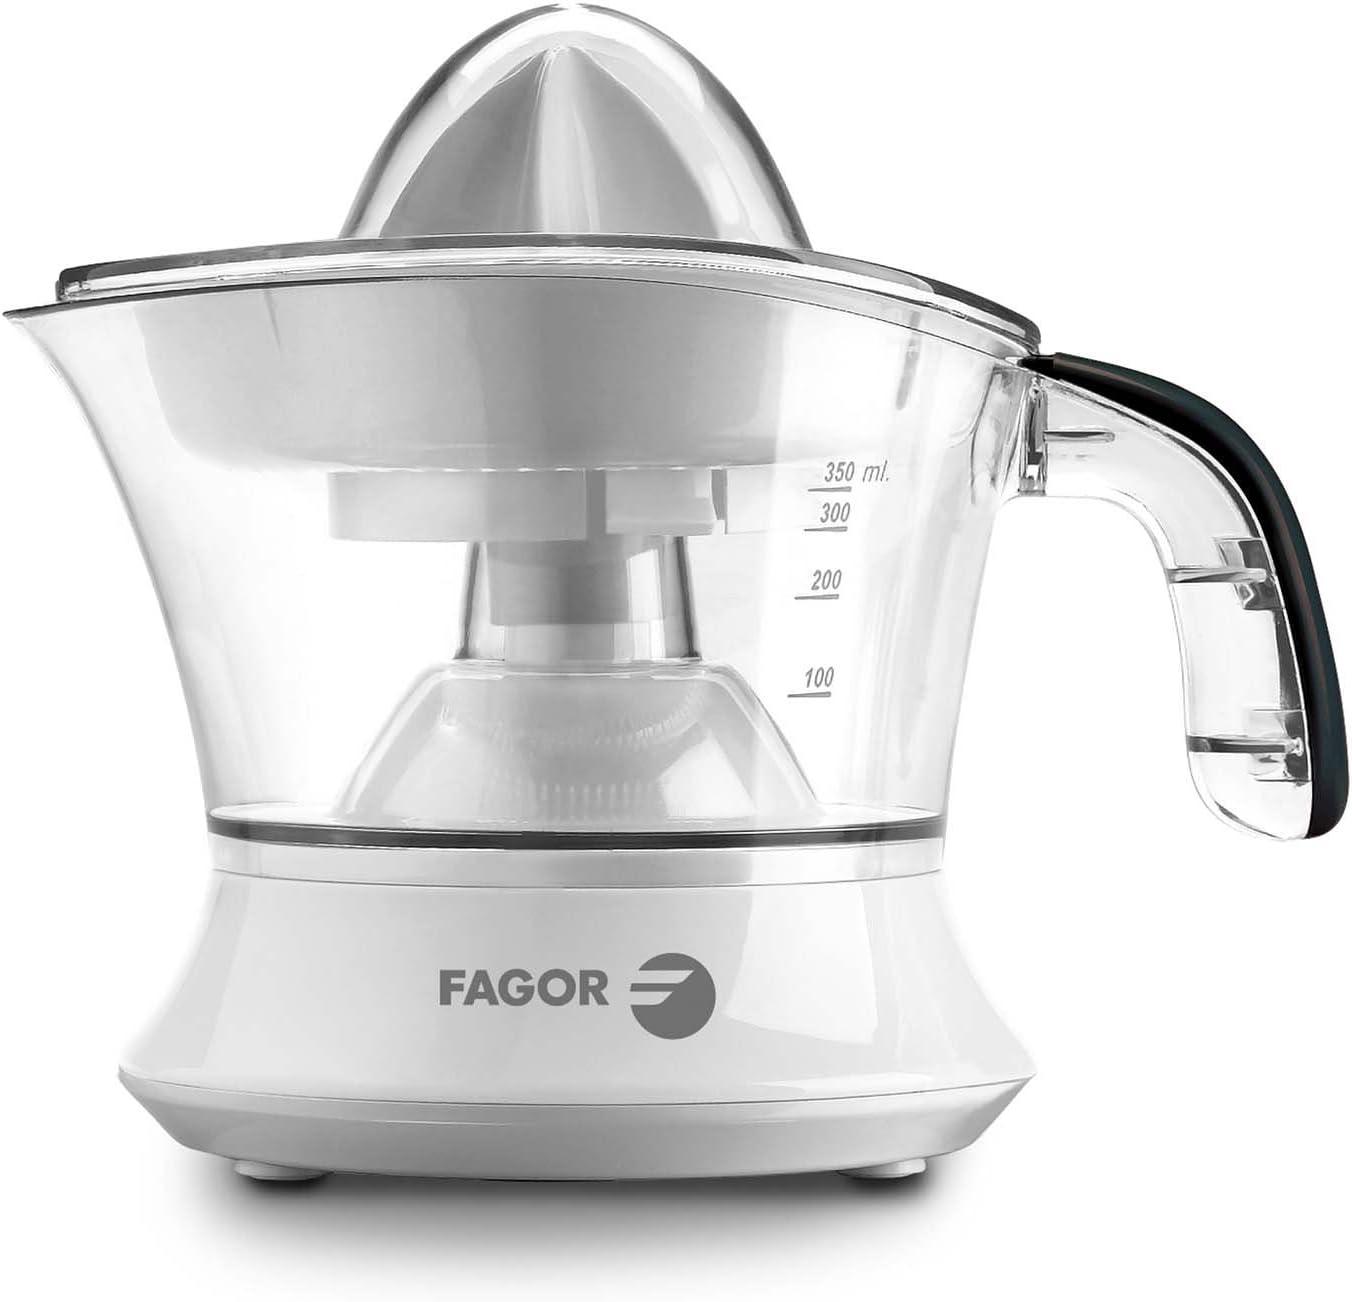 EXPRIMIDOR FAGOR MZ-350 40W 0,35 LITROS: Amazon.es: Hogar